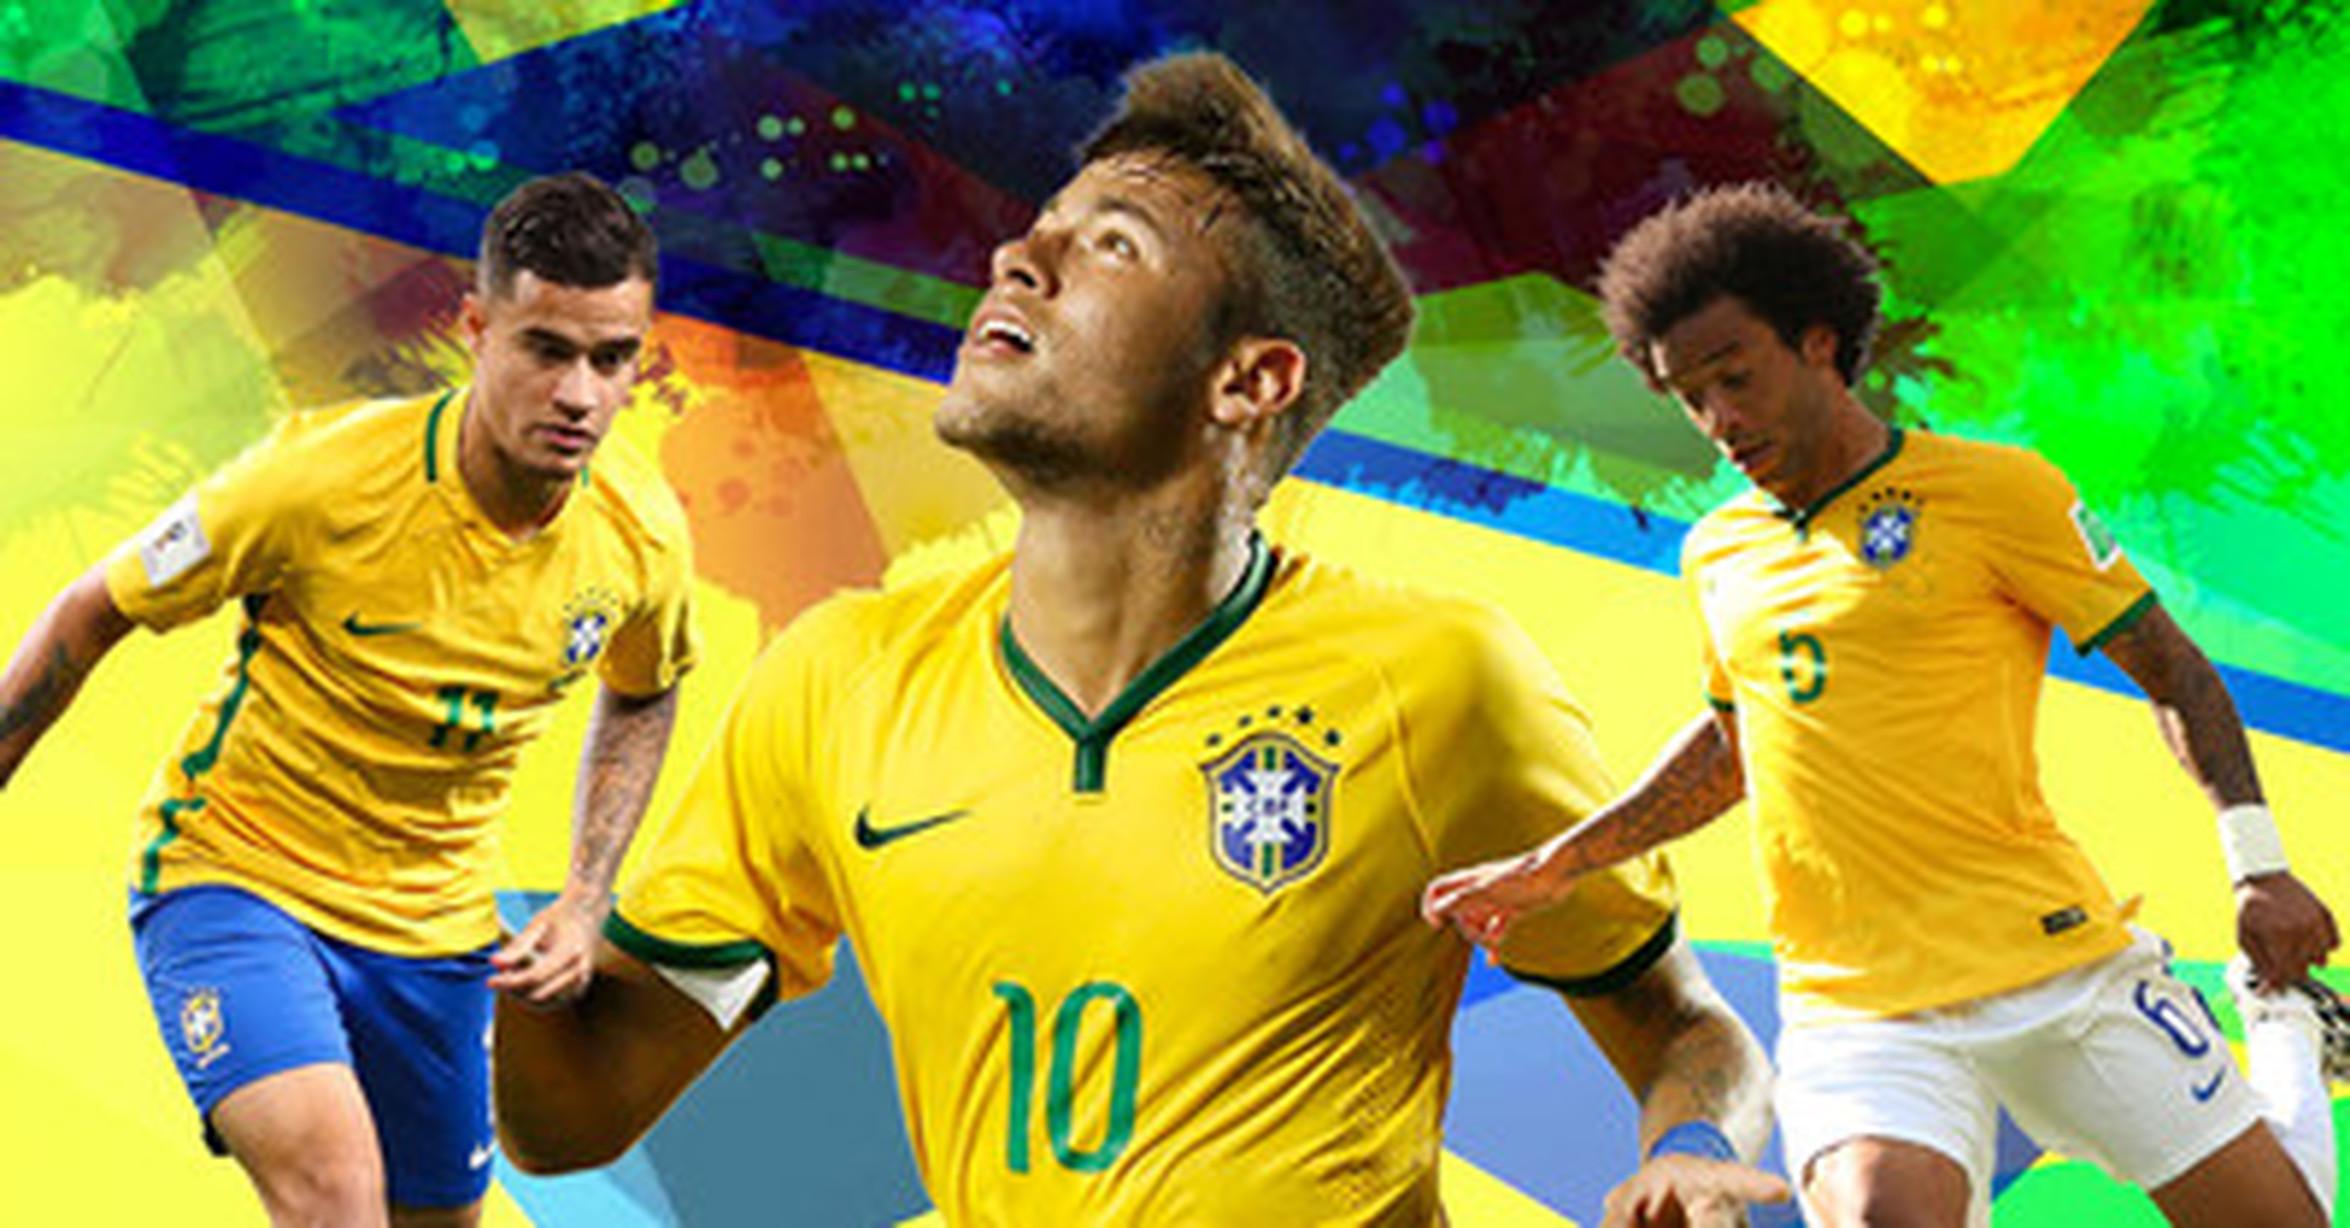 Aire acondicionado Incienso complicaciones  MEMEDEPORTES ] El nuevo anuncio de Nike y la selección brasileña para el  Mundial